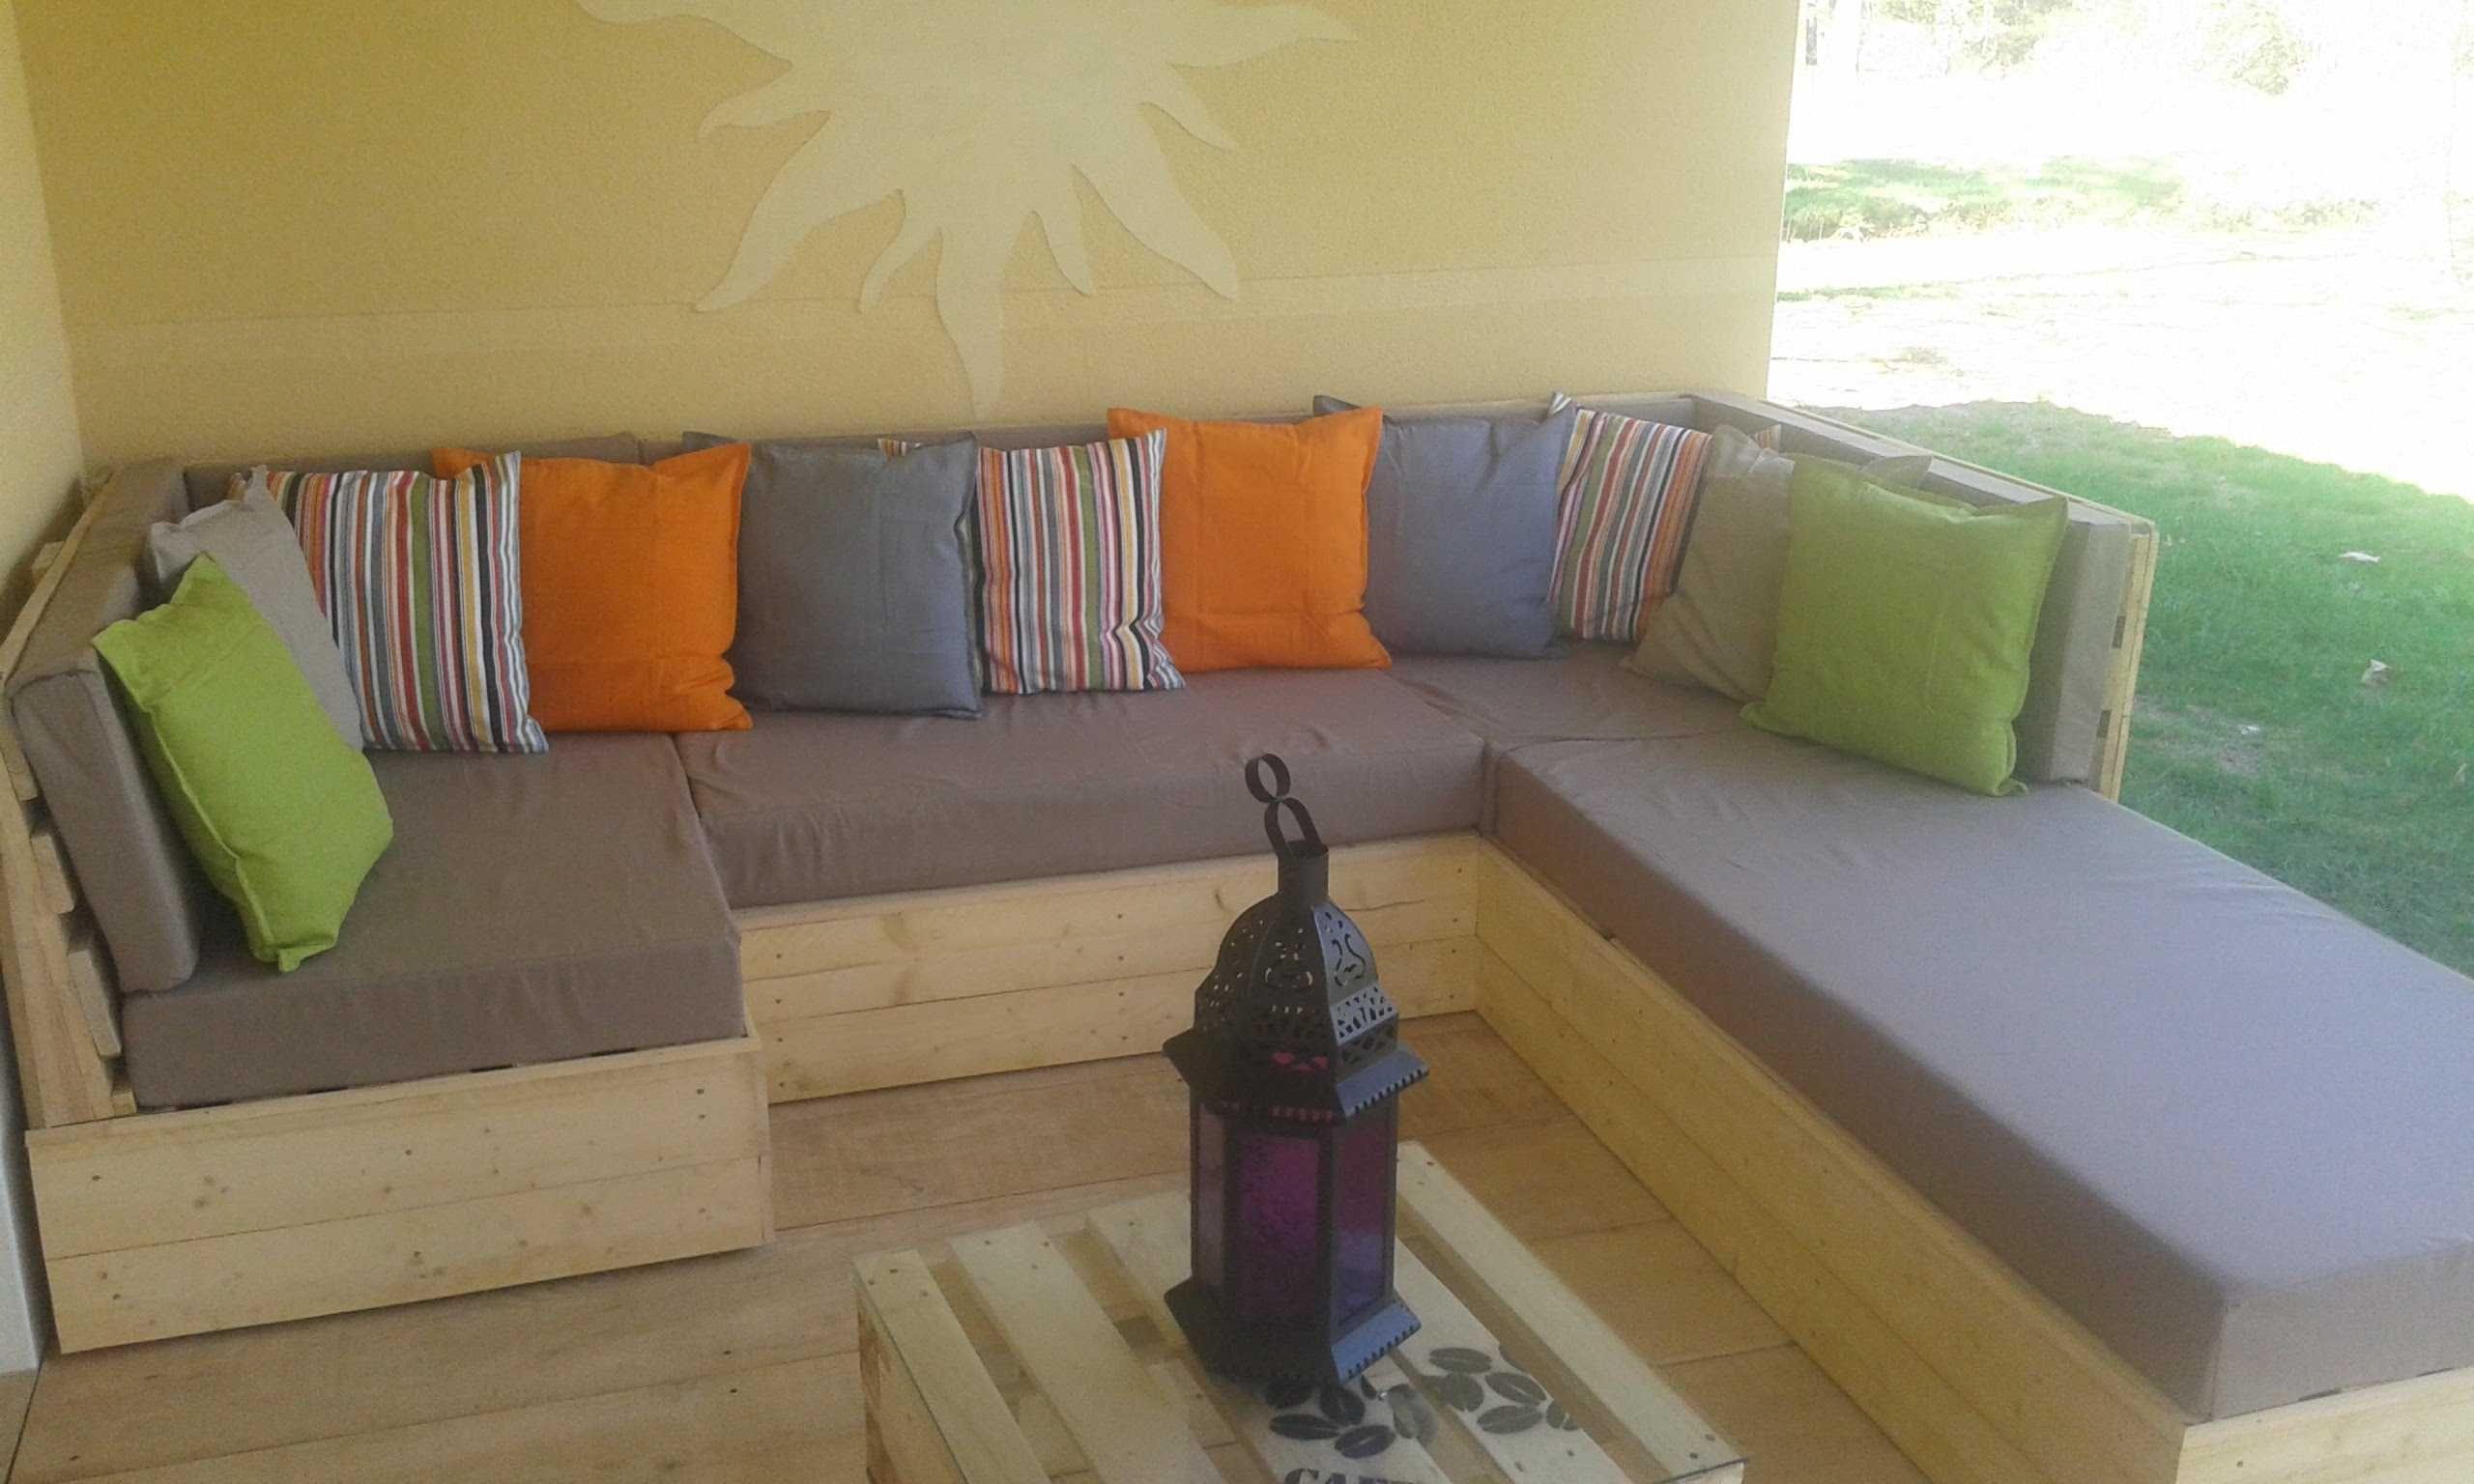 Comment Fabriquer Un Salon Marocain Inspirations Avec Comment Fabriquer Un Salon Marocain Images Comm Salon En Palettes Salon De Jardin Palettes Salon Marocain